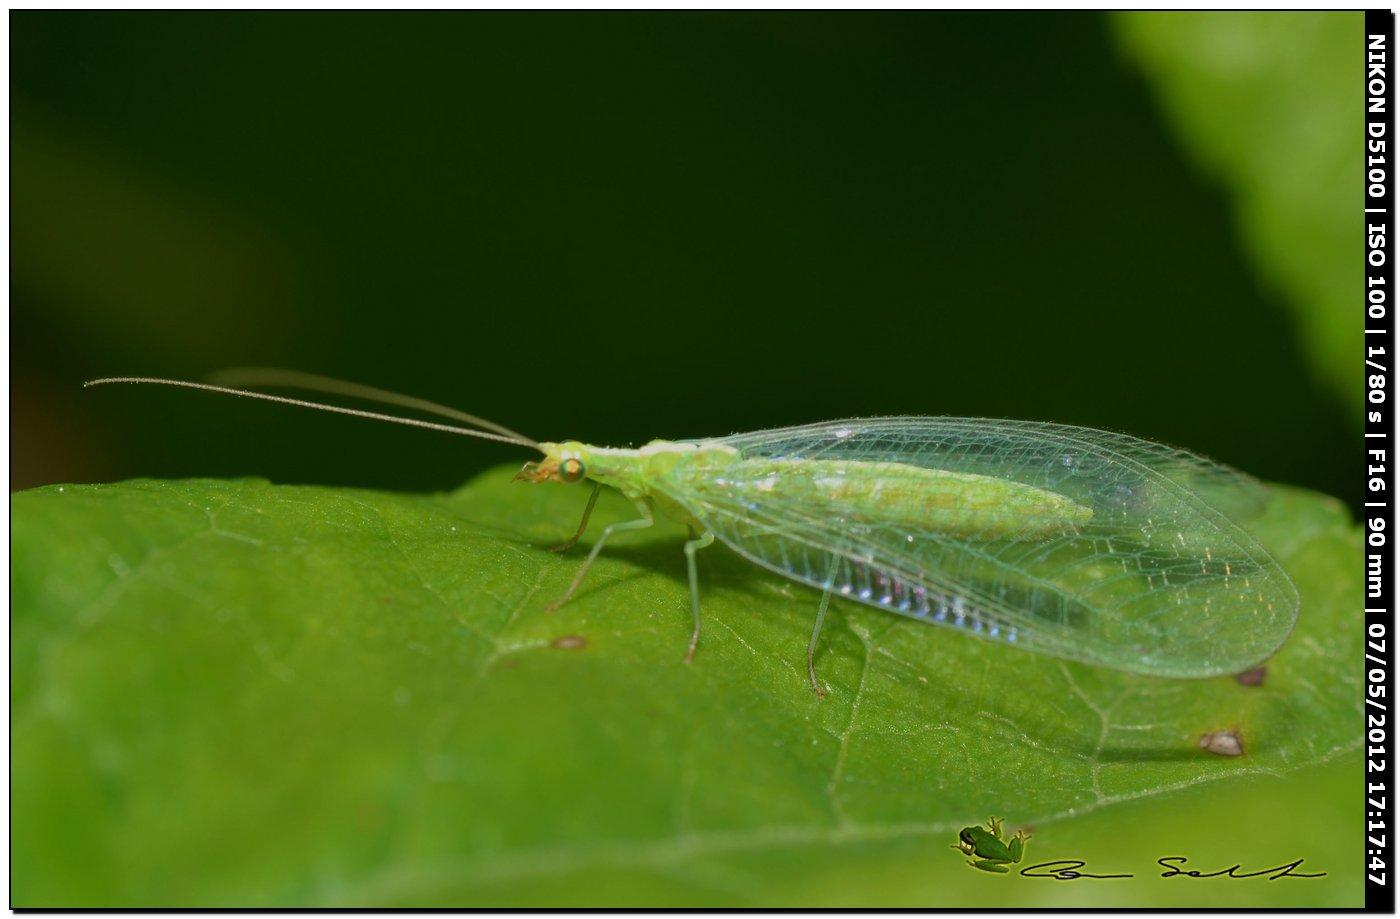 Chrysoperla lucasina